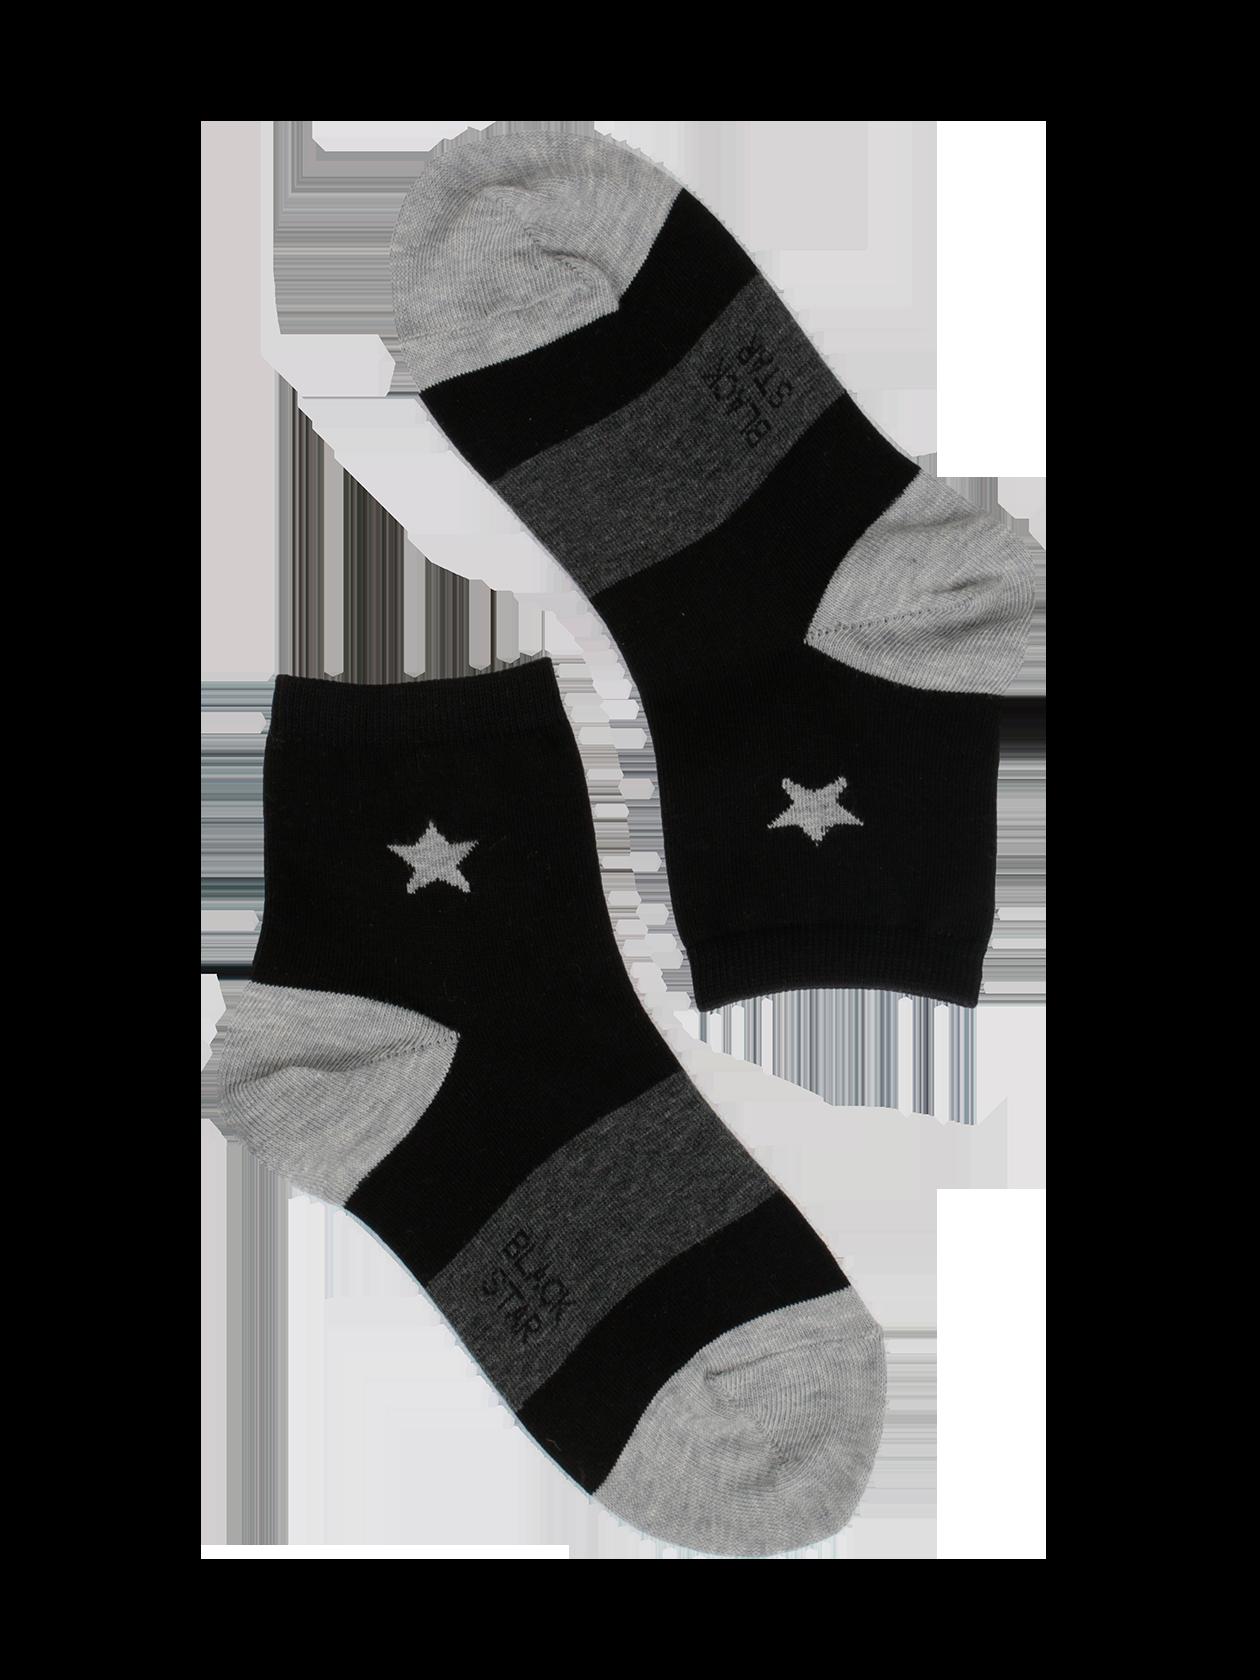 Носки детские ONE STARНоски детские One Star – стильная и практичная вещь в гардеробе активного ребенка. Модель облегающей формы со средней высотой голенища. Высококачественный материал на основе натурального хлопка обеспечивает чувство комфорта при носке. Изделие доступно в двух расцветках: черной с серыми деталями и принтом в виде звезды или серой с черными деталями и рисунком. Верхний край голенища оформлен эластичной вставкой, удобно фиксирующей аксессуар на ноге. Носки детские от бренда Black Star подходят на каждый день.<br><br>Размер: 4-5 years<br>Цвет: Черный<br>Пол: Унисекс